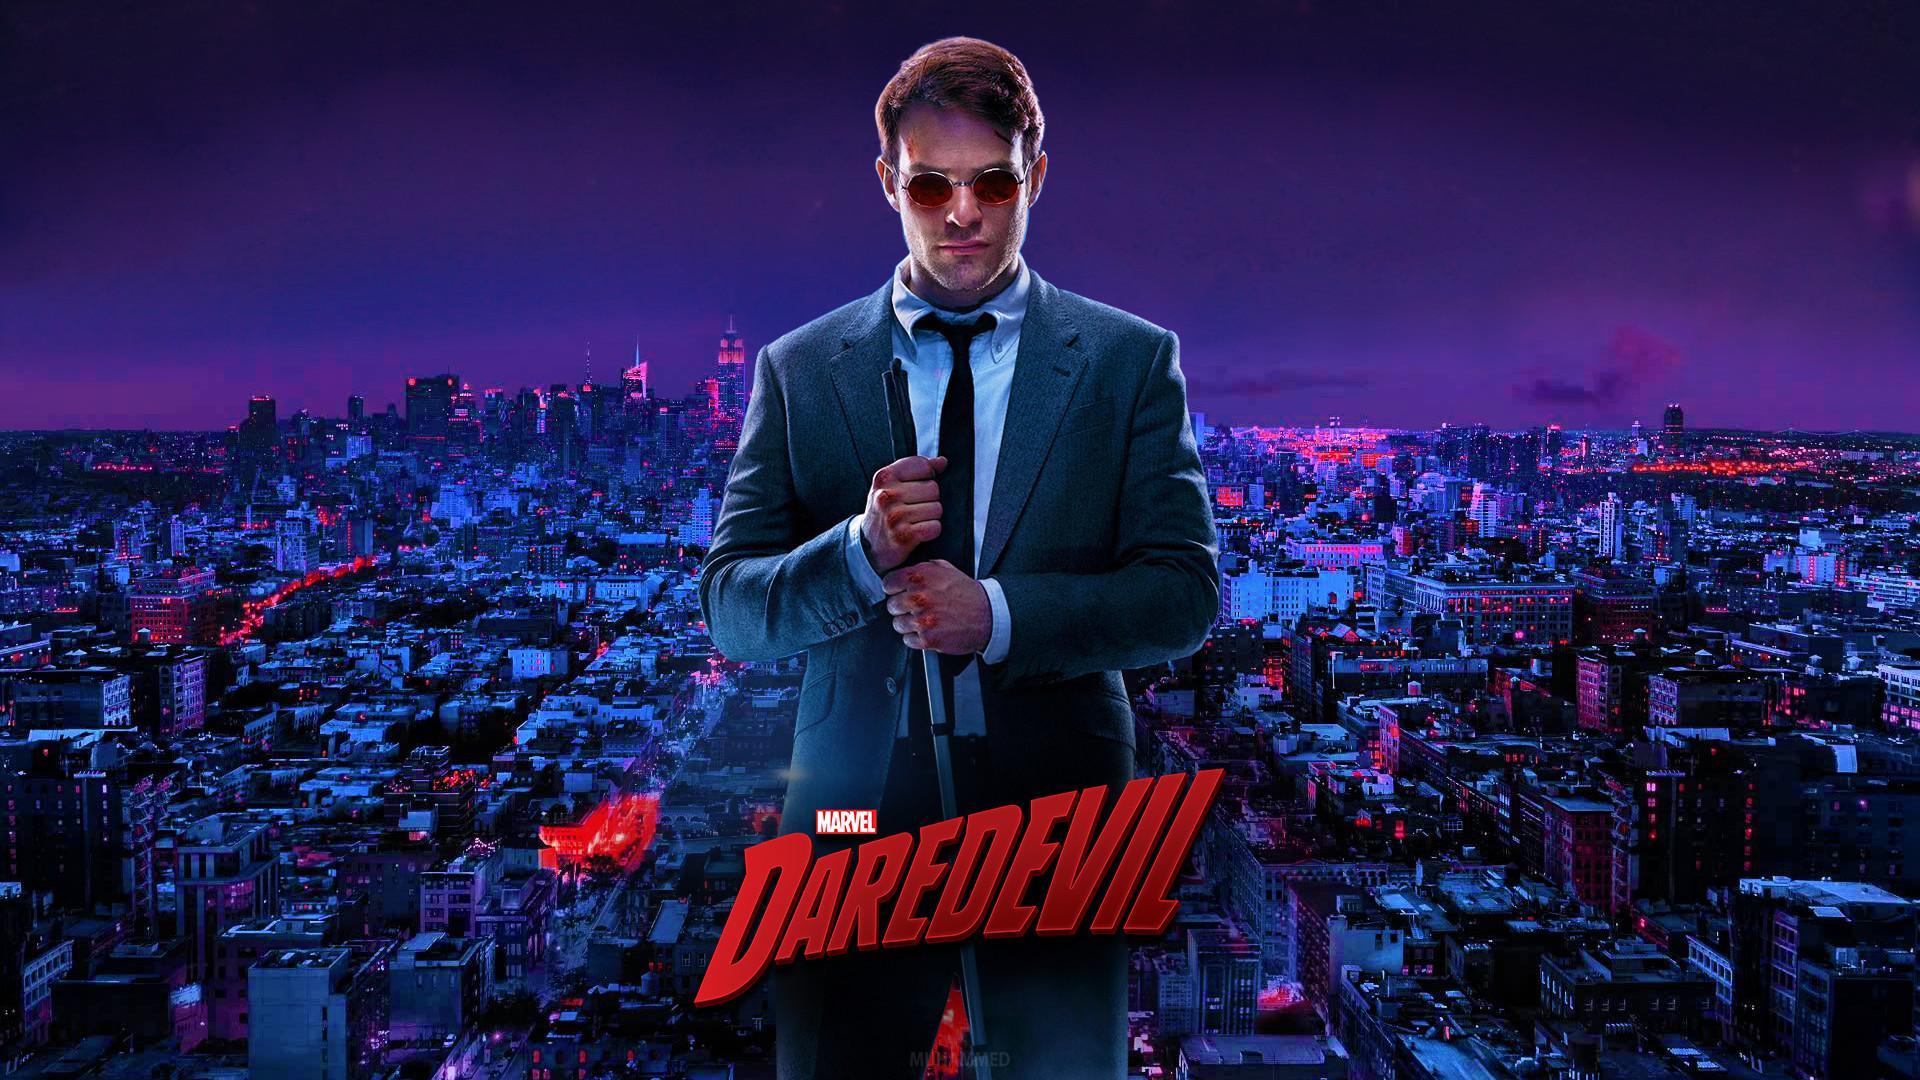 Daredevil Marvel HD Wallpaper | Movie Wallpaper | Pinterest .